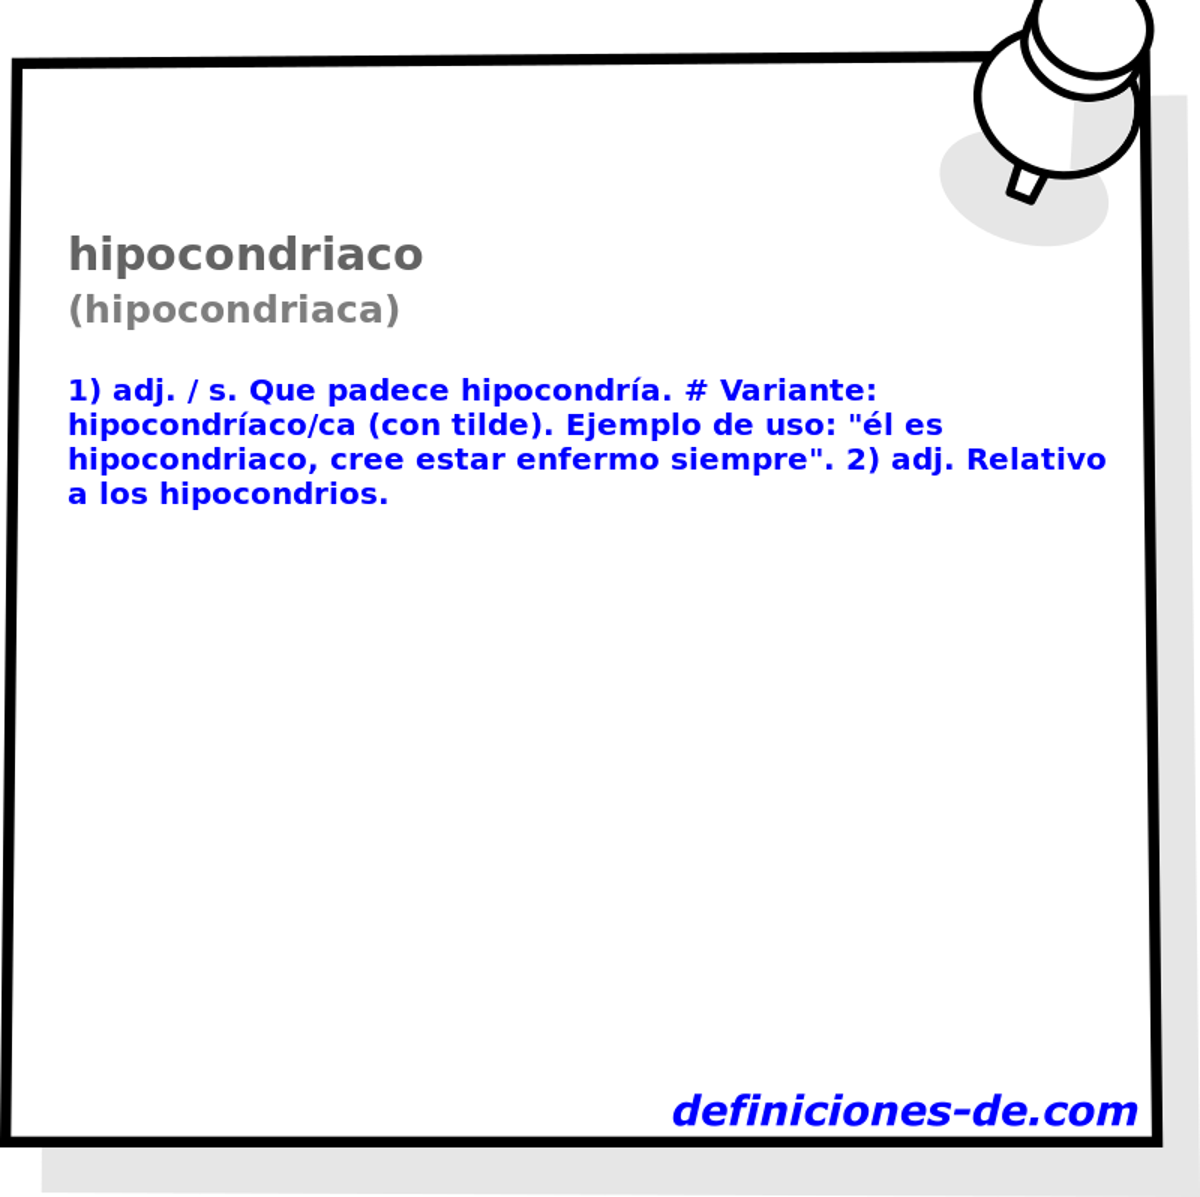 Qué significa Hipocondriaco (hipocondriaca)?